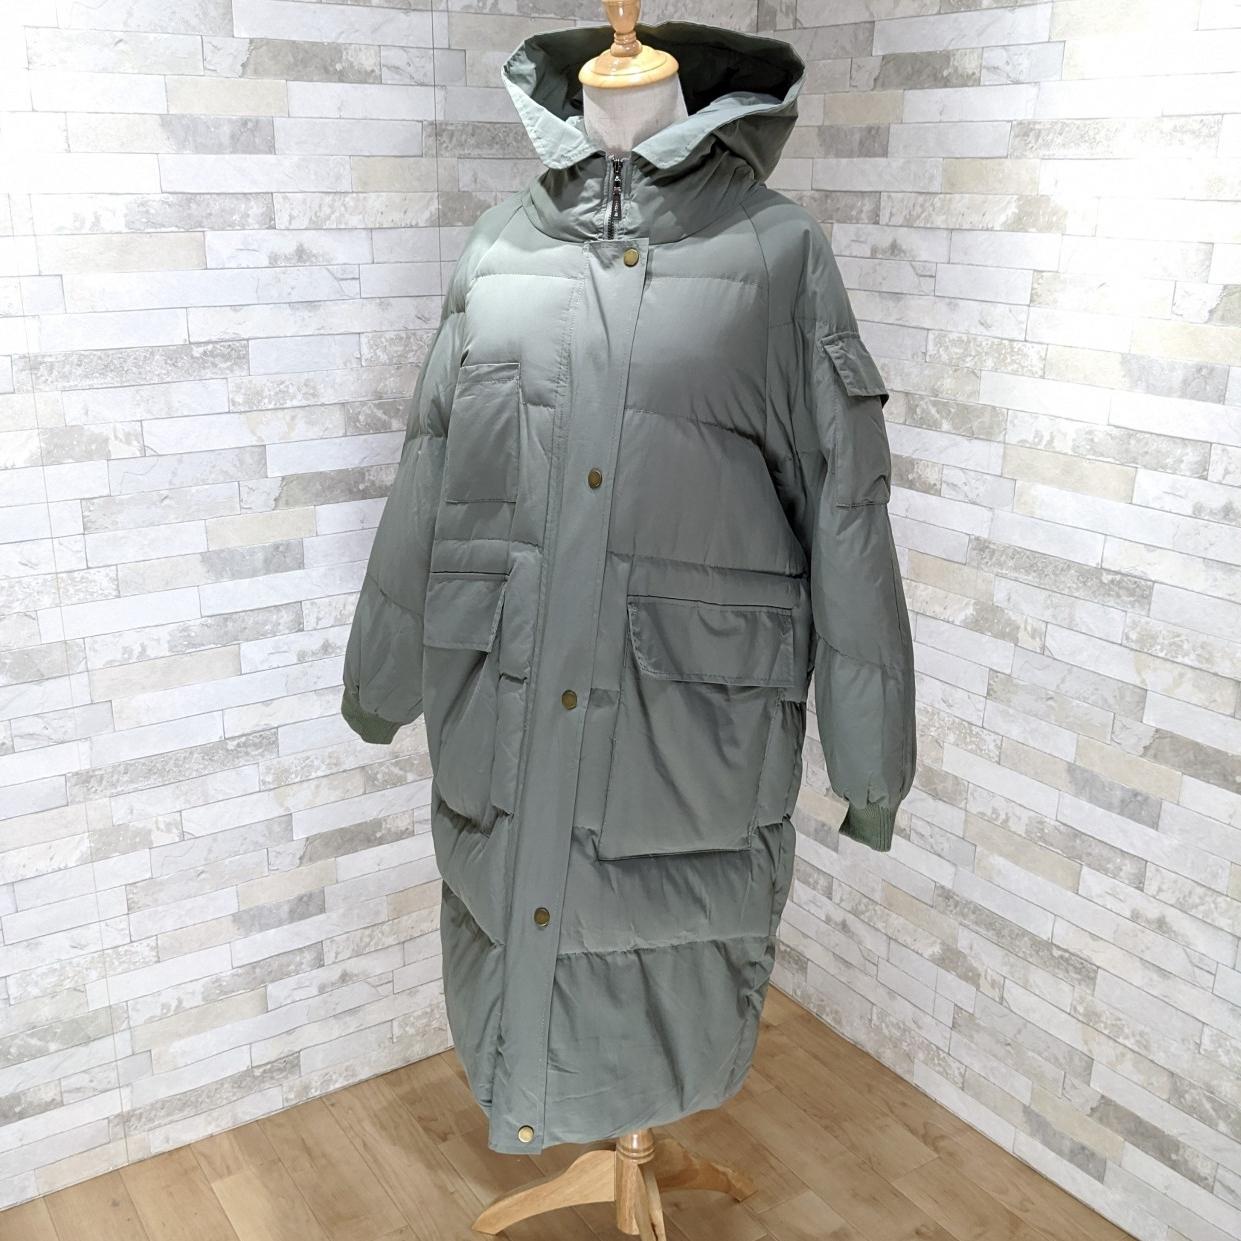 【即納】韓国 ファッション アウター ダウンジャケット ダウンコート 秋 冬 カジュアル SPTXD596  ペールカラー もこもこ ロング オーバーサイズ エコ オルチャン シンプル 定番 セレカジの写真12枚目